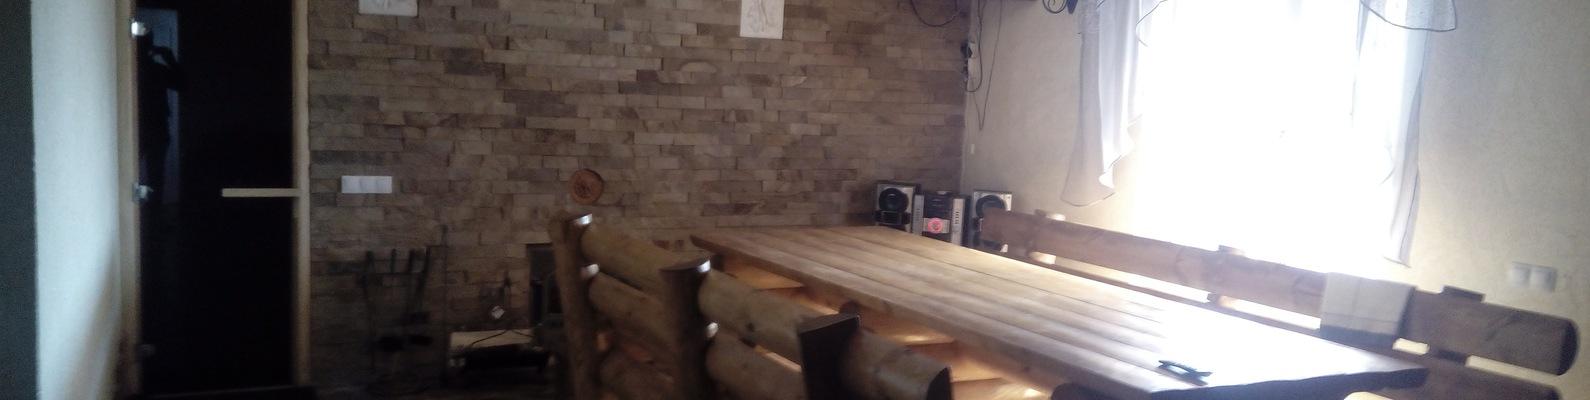 Новая баня Косшы | kosshy.kz — объявления в Косшы, Лесной поляне и ... | 400x1590